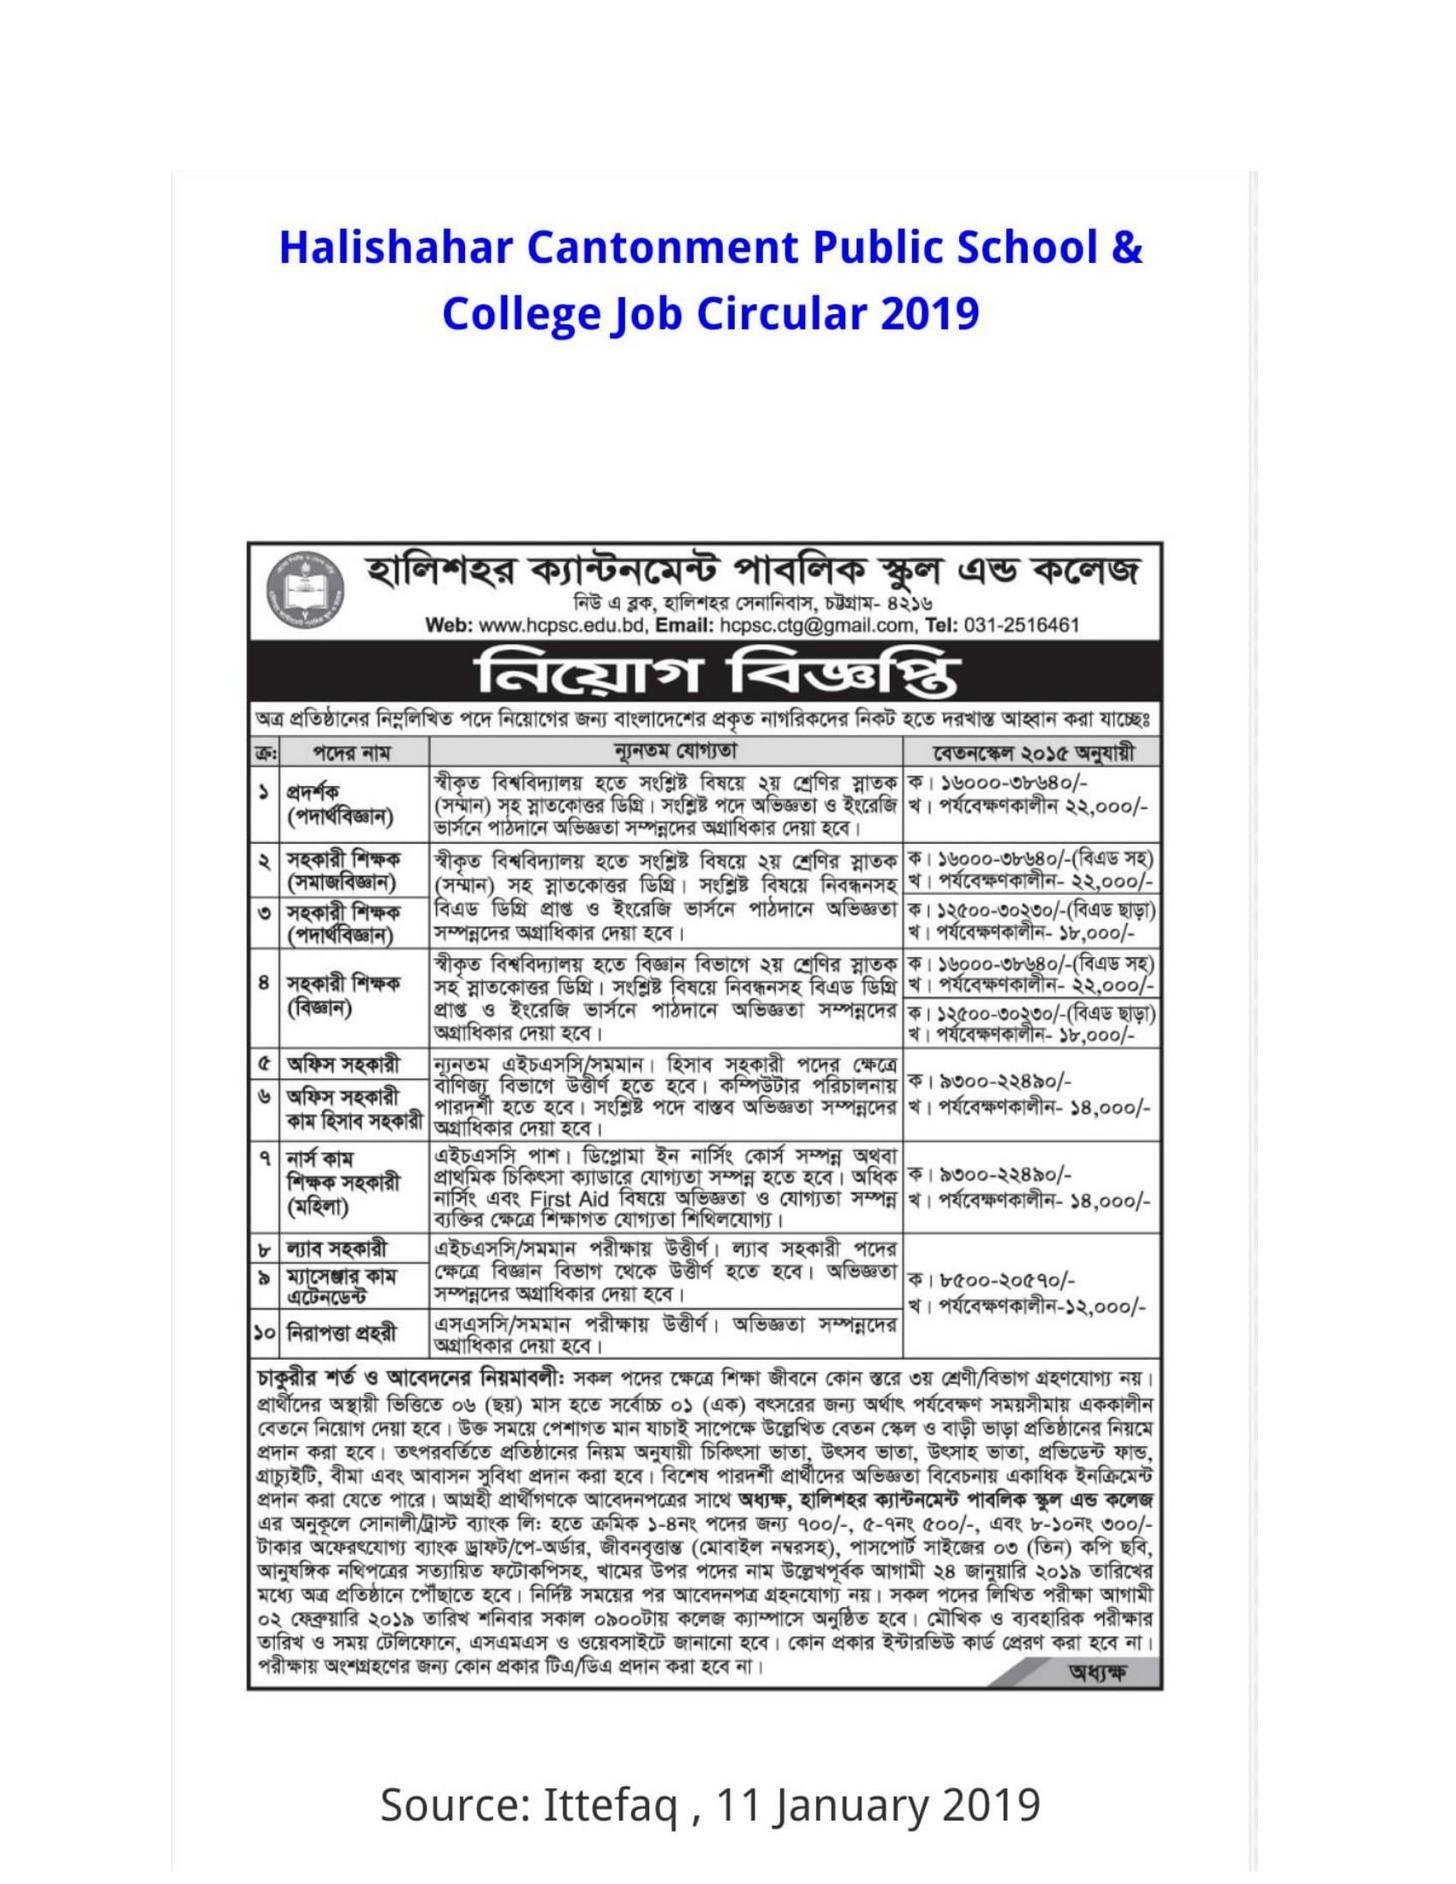 Halishahar Cantonment Public School and College Job Circular